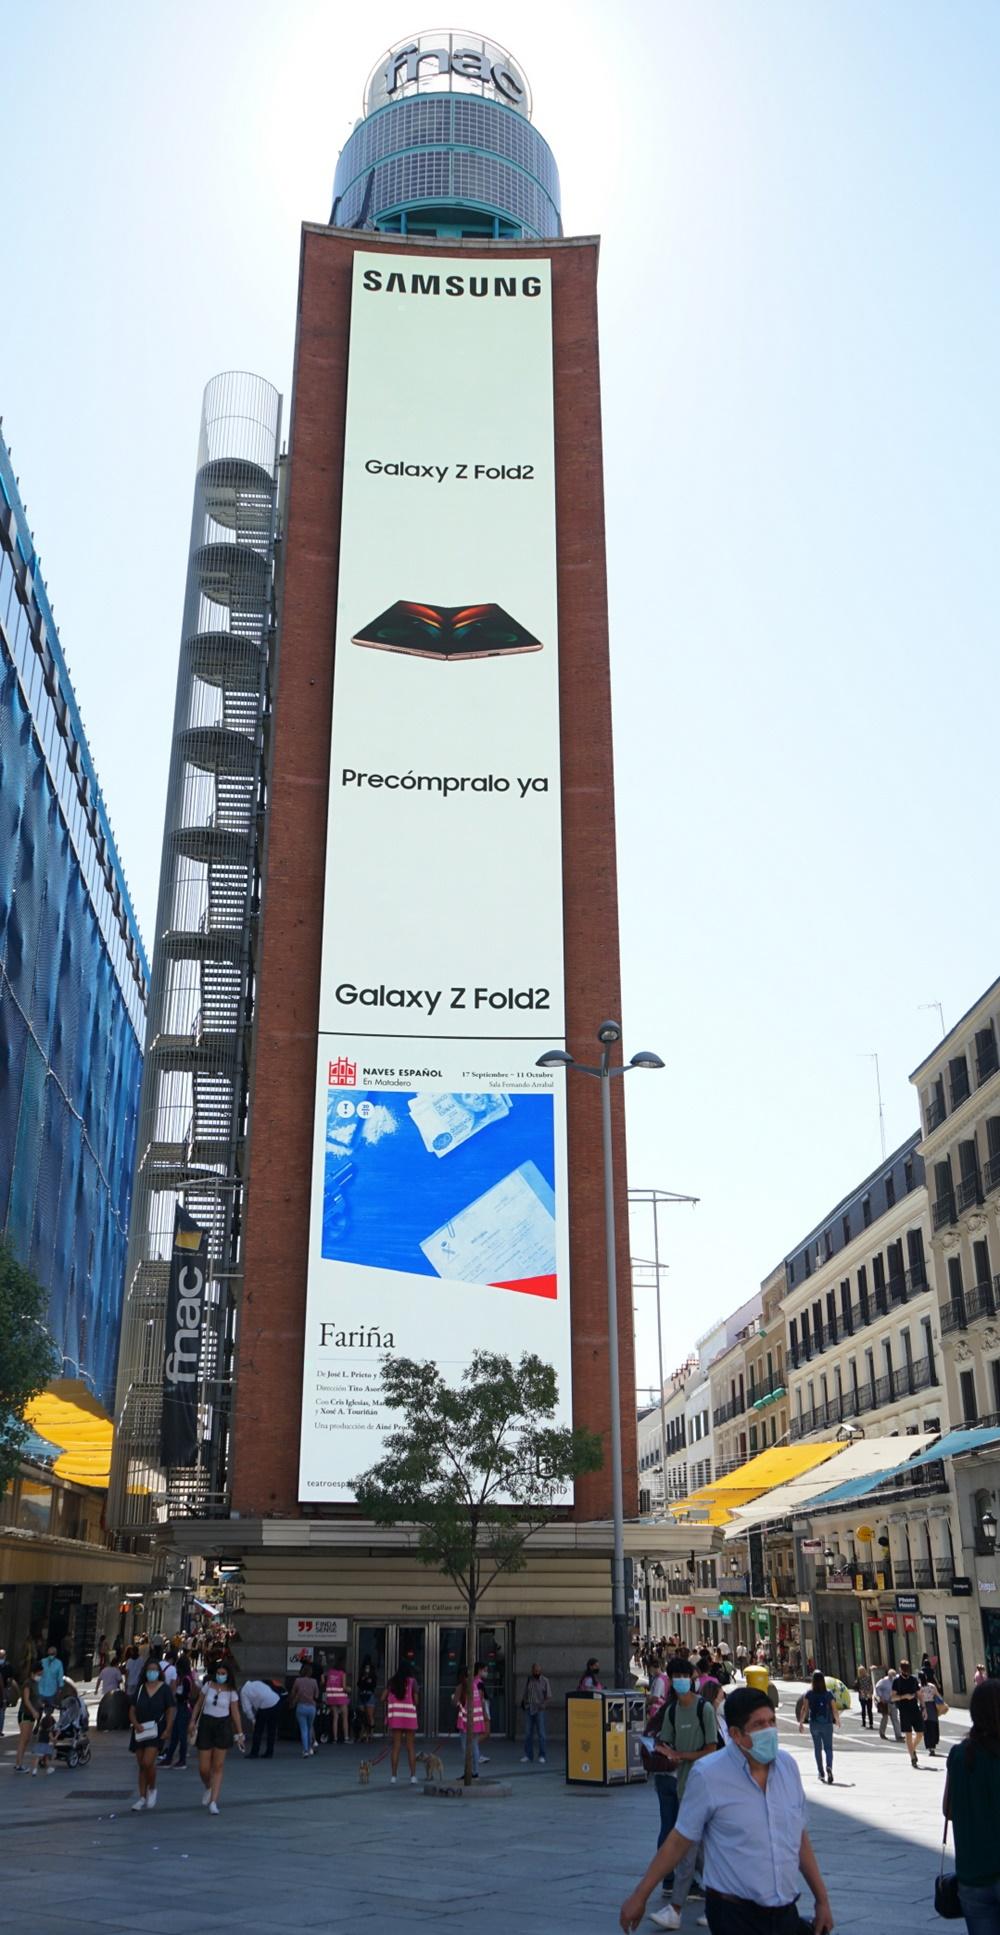 스페인 마드리드 까야오 광장(Plaza del Callao)에서 운영 중인 '갤럭시 Z 폴드2' 옥외광고